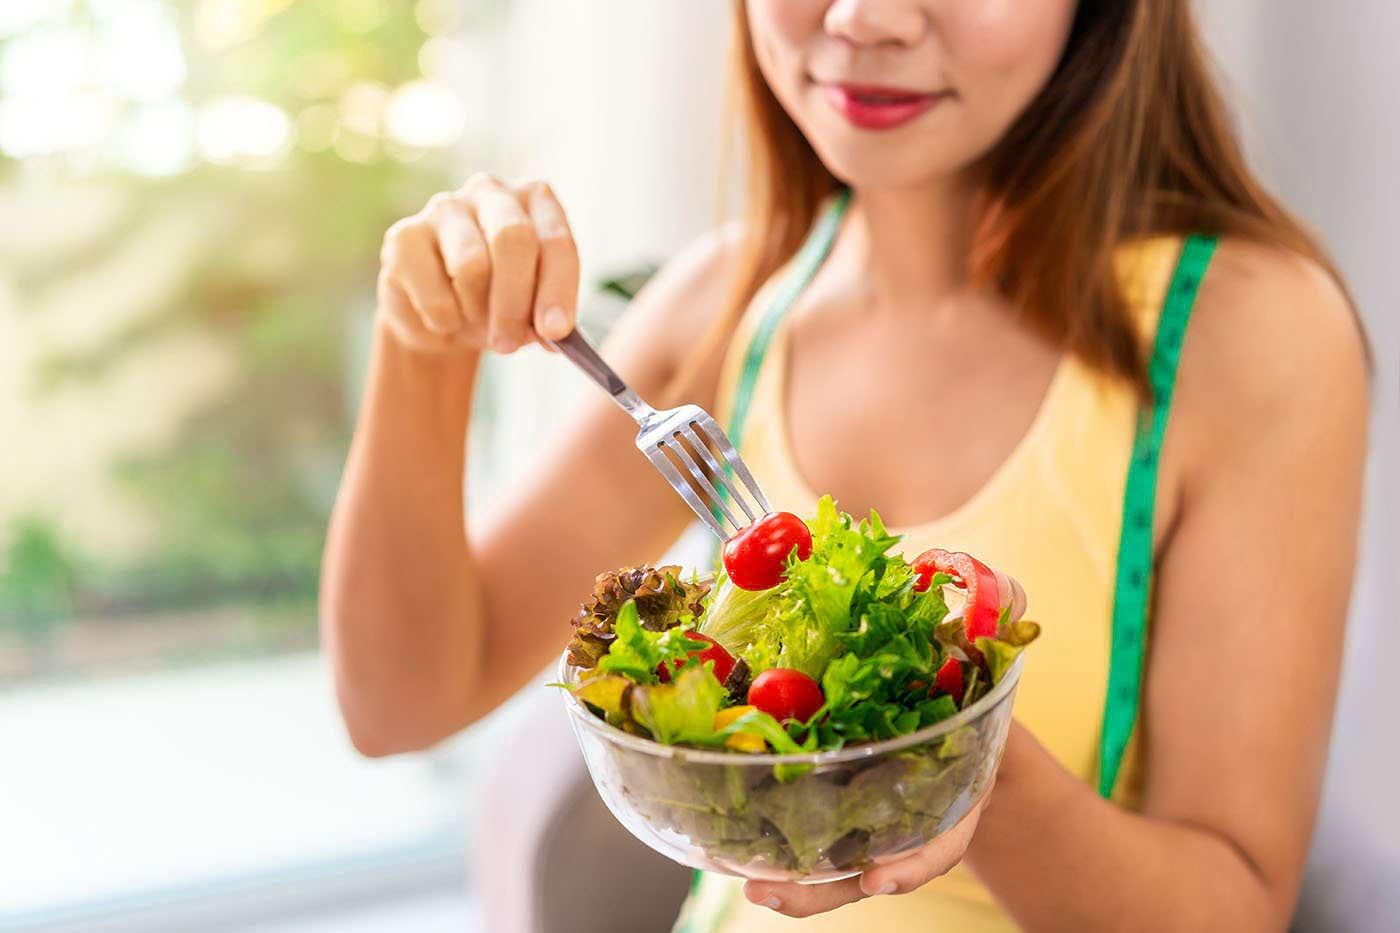 Cancerul mamar ar putea fi prevenit cu ajutorul alimentației? (studiu)